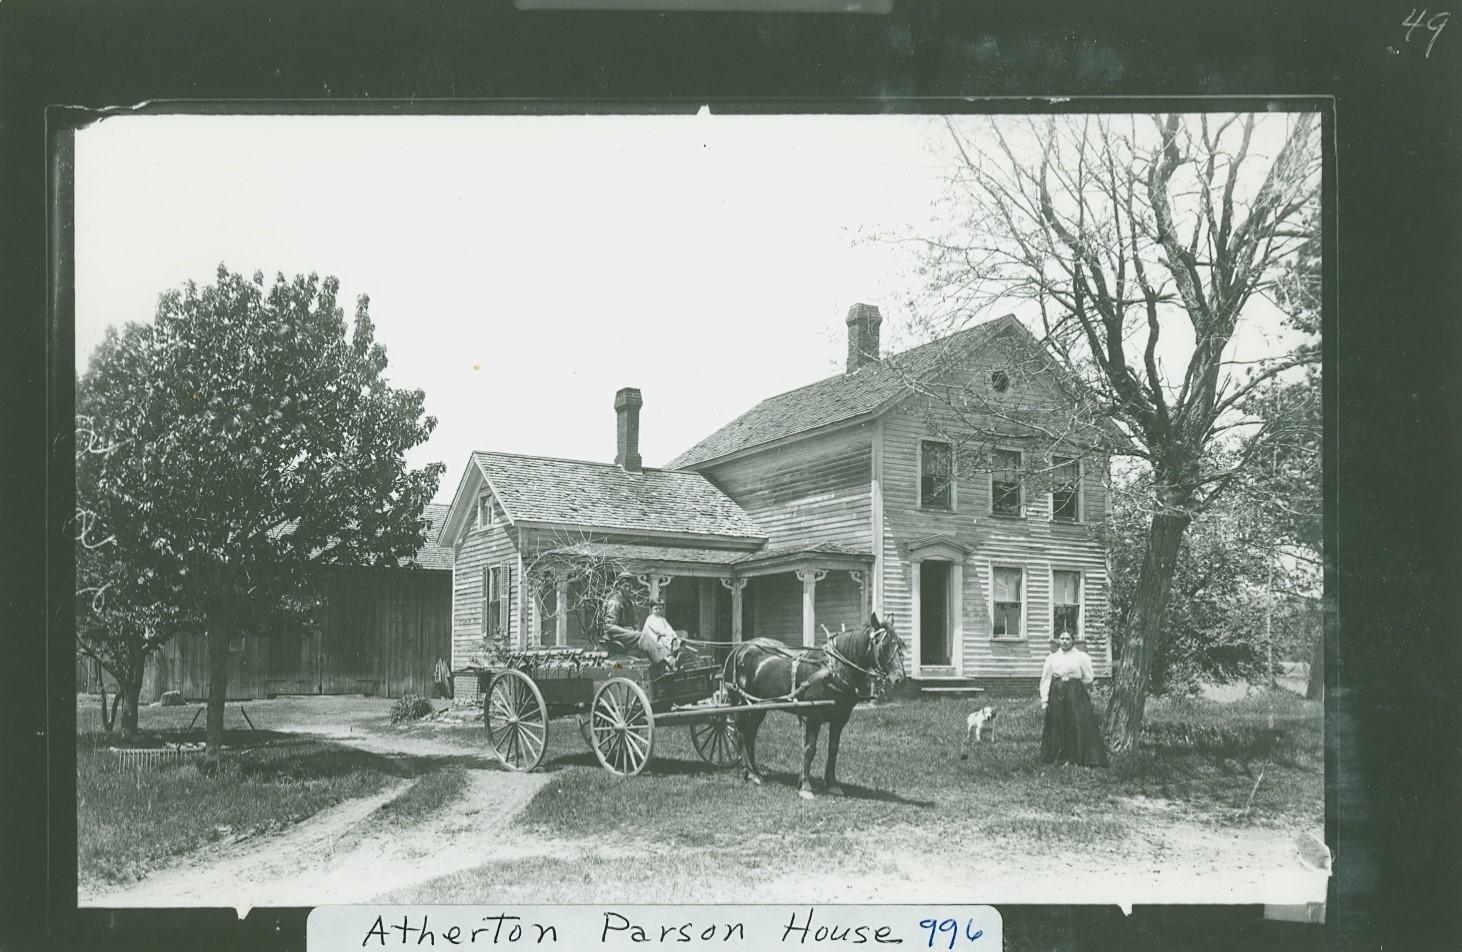 Atherton Parson House